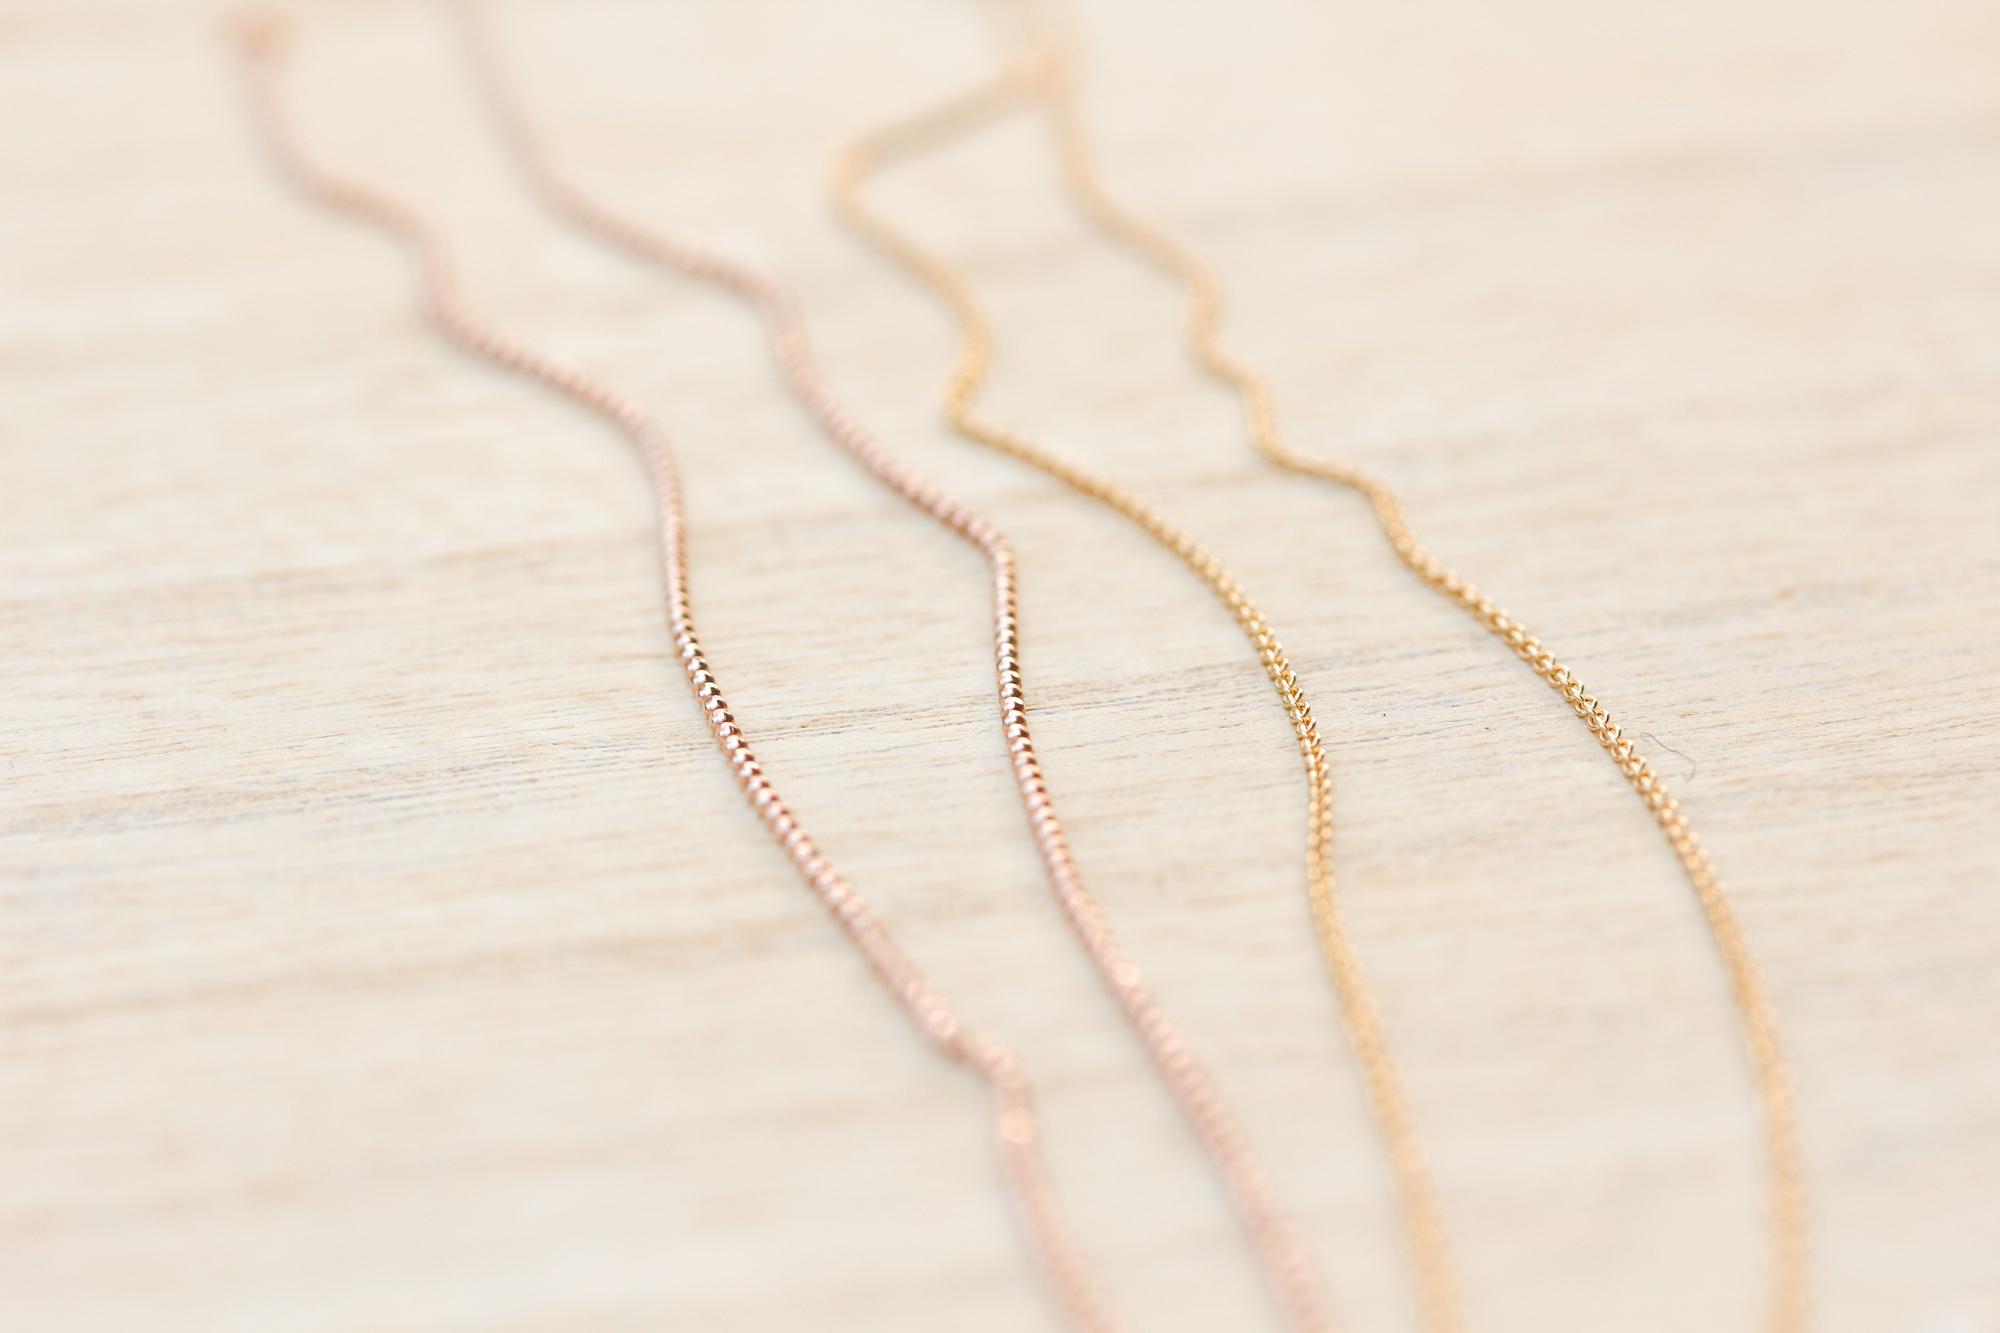 Halskette 750 Gold Roségold Weissgold Gelbgold zarte Echtgold Halskette 750